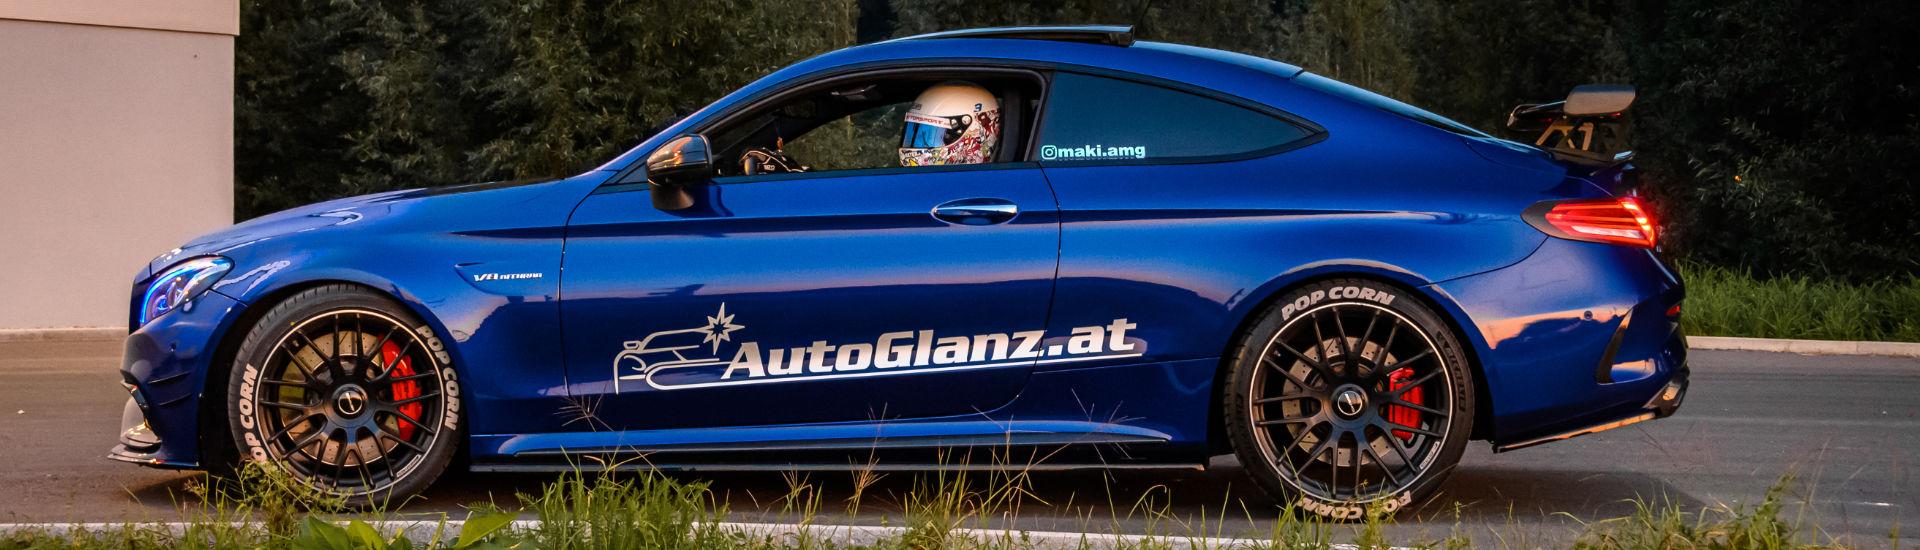 Team AutoGlanz.at